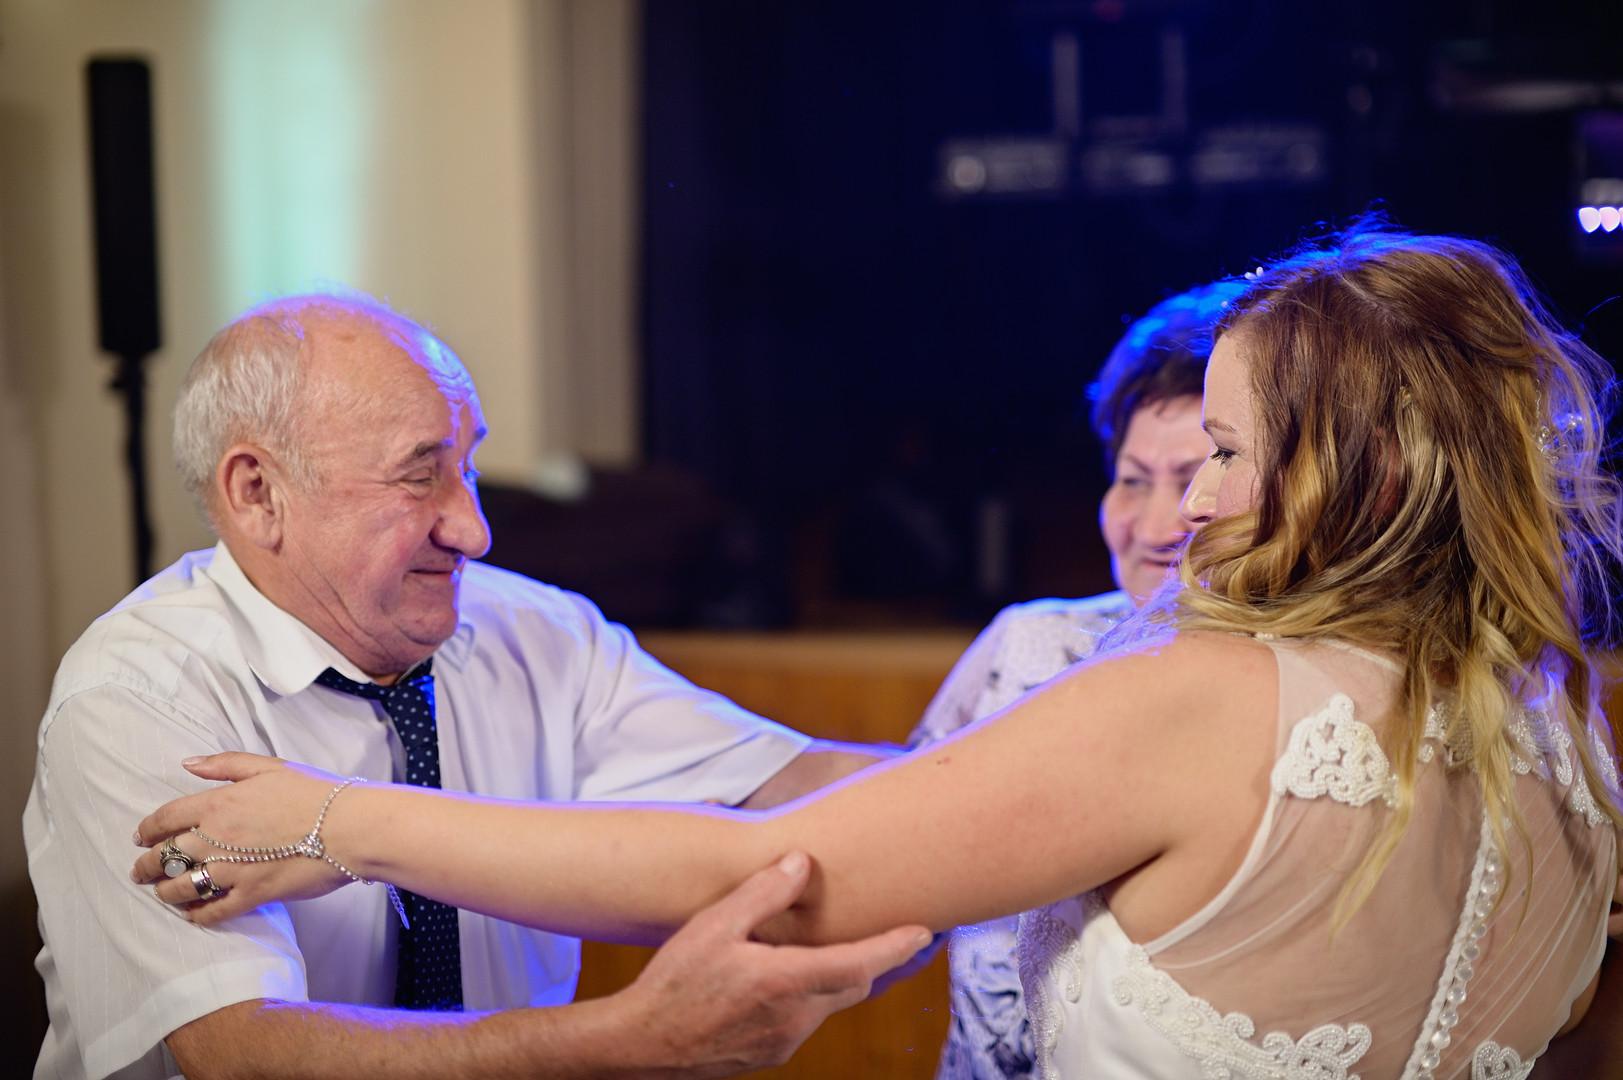 720  Esküvői fotózás - Enikő és Peti Bul